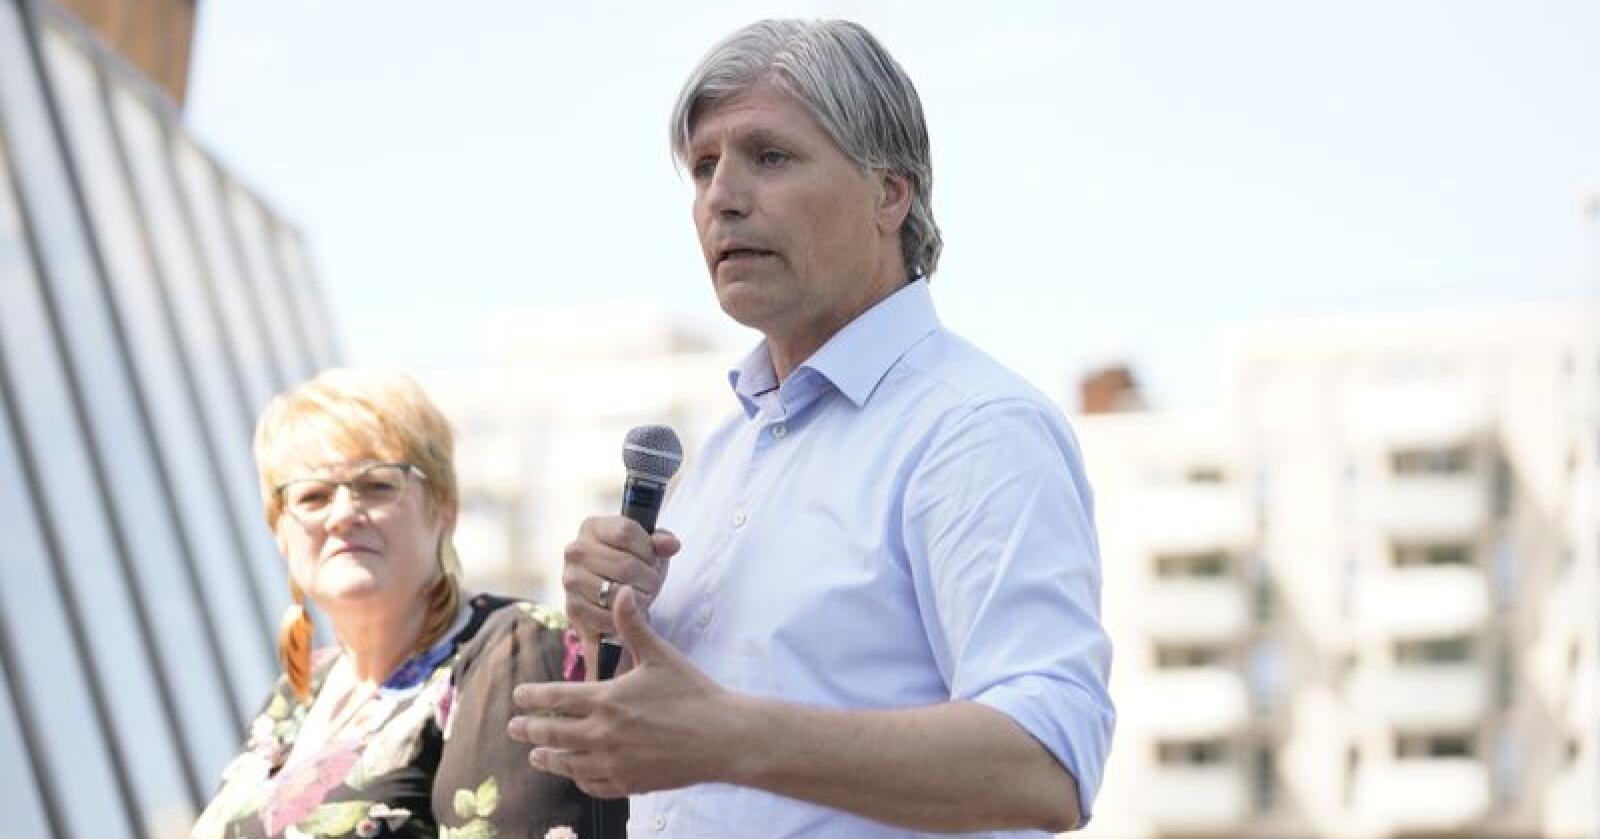 Klima- og miljøminister Ola Elvestuen (V) har advart mot nedleggelse av Amazonasfondet, men er fornøyd med redusert avskoging i Colombia. Her er han under partiets oppsummerende pressekonferanse. Foto: Fredrik Hagen / NTB scanpix